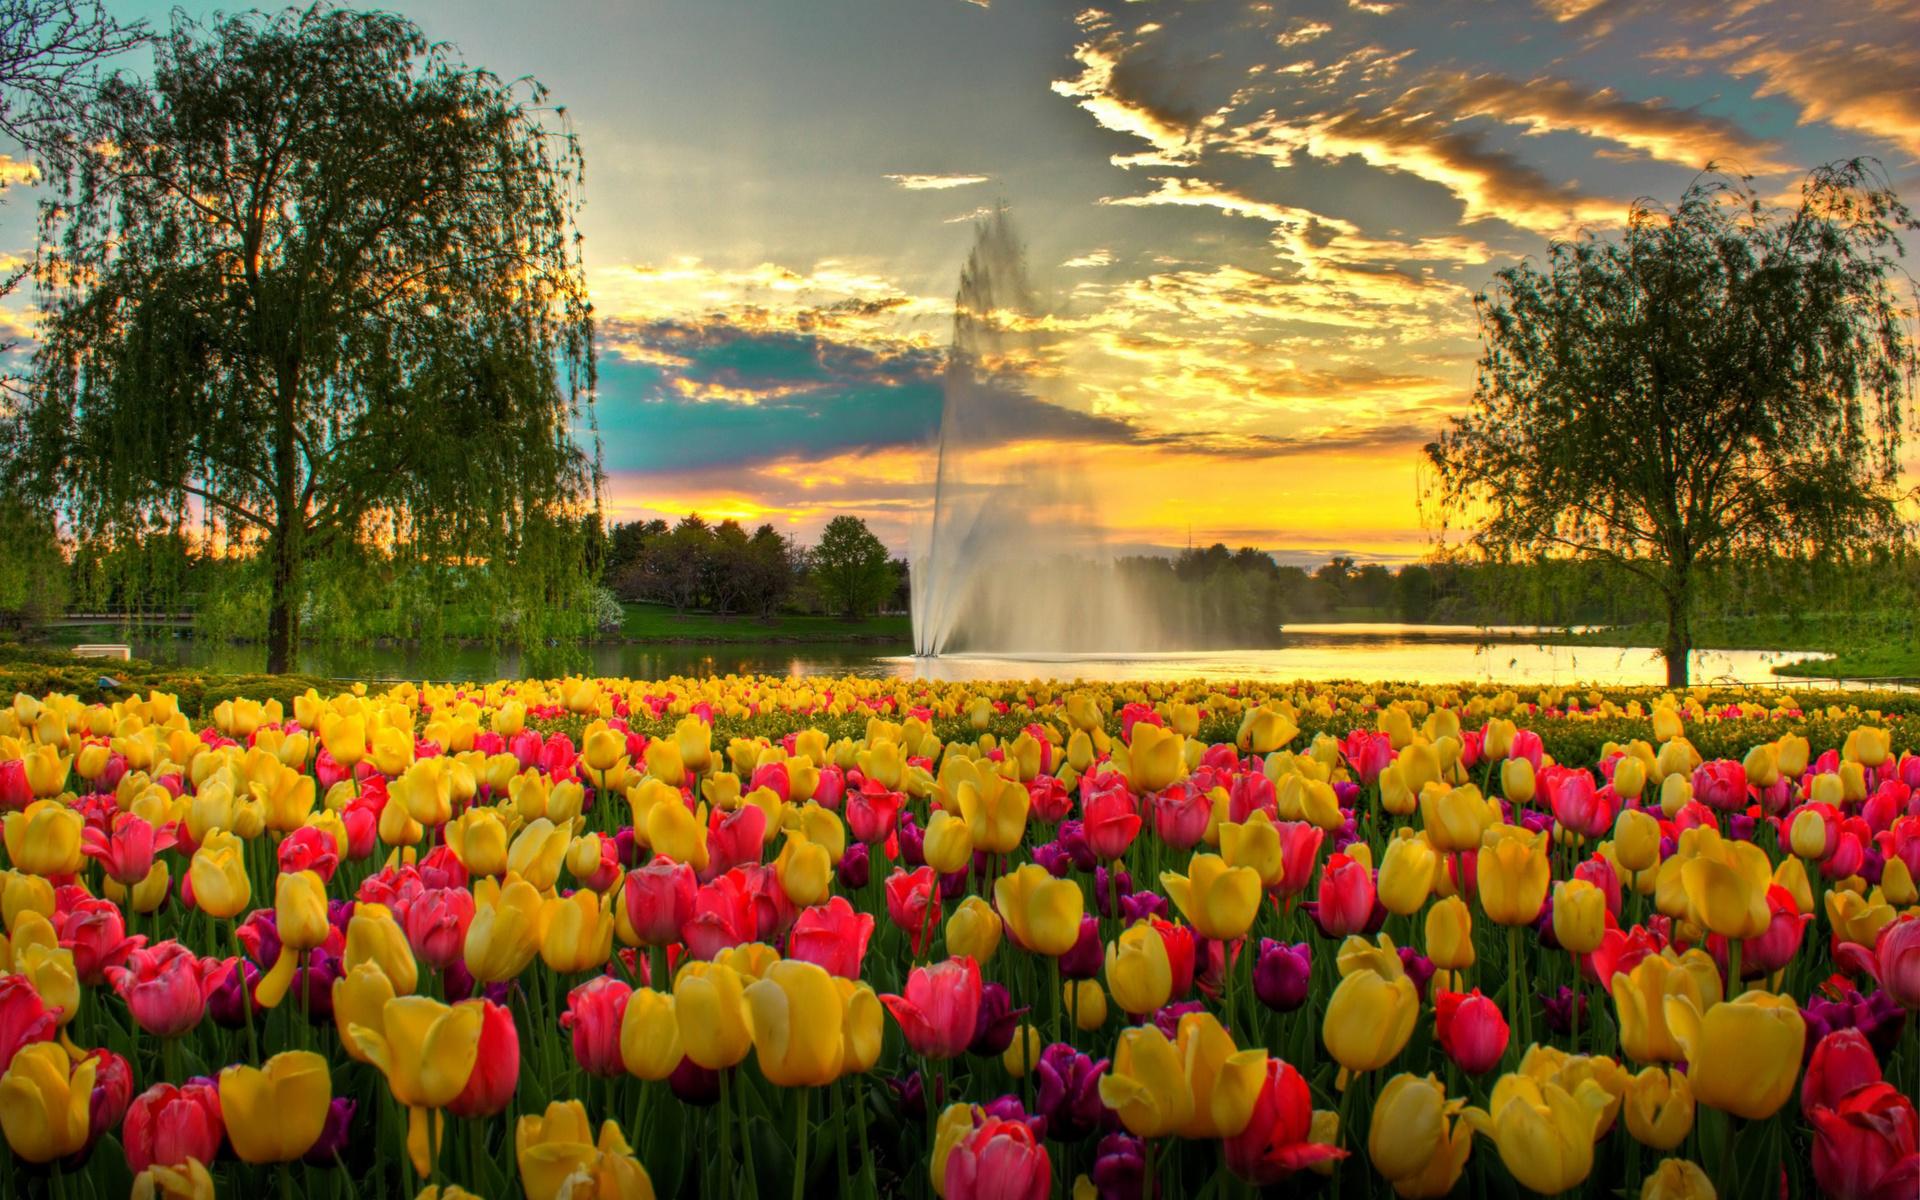 открытки обои тюльпанное поле